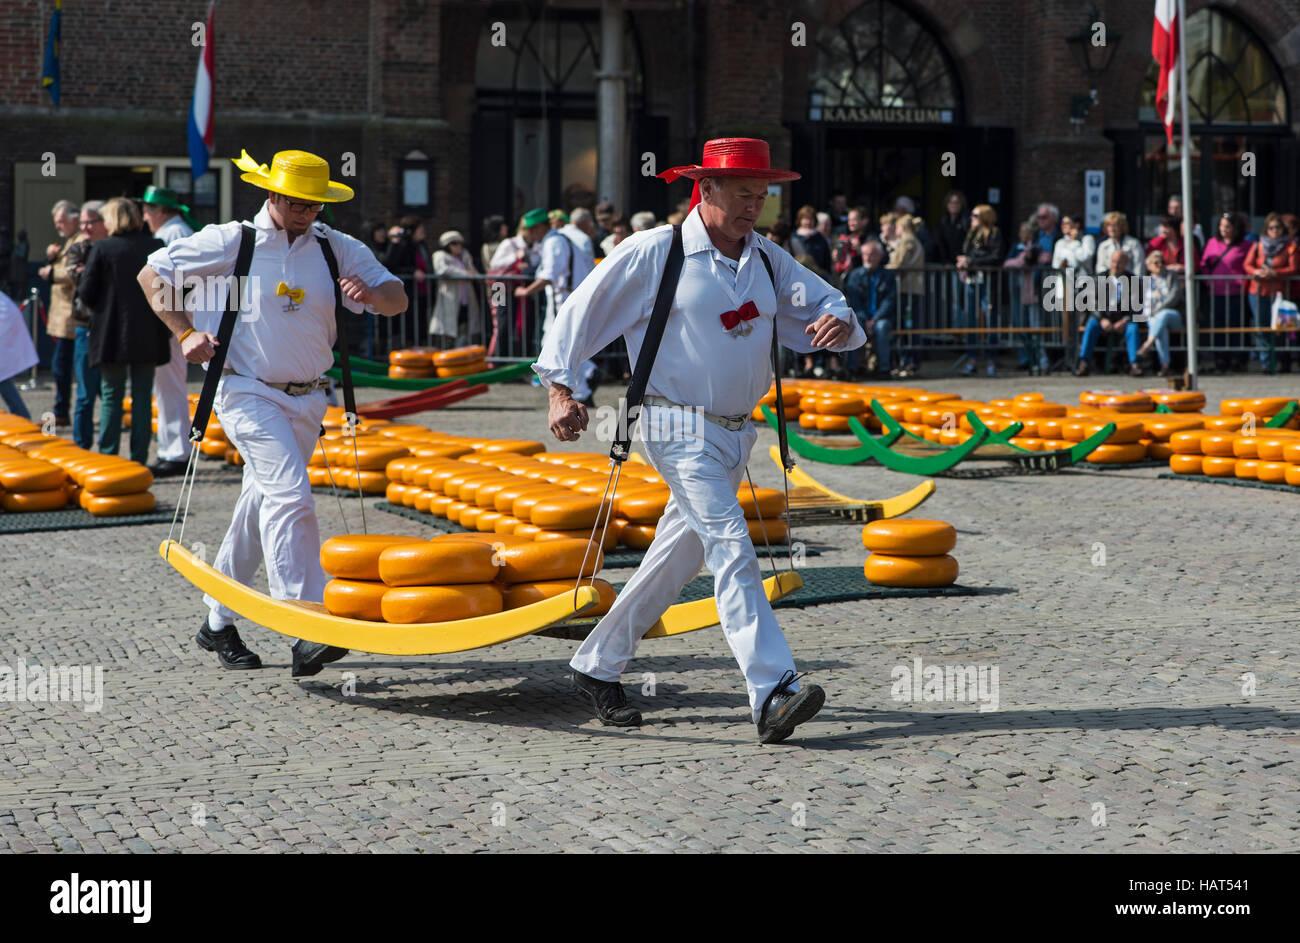 Transportadores De Queso En El Mercado De Quesos De Alkmaar Holanda Septentrional Holanda Fotografía De Stock Alamy